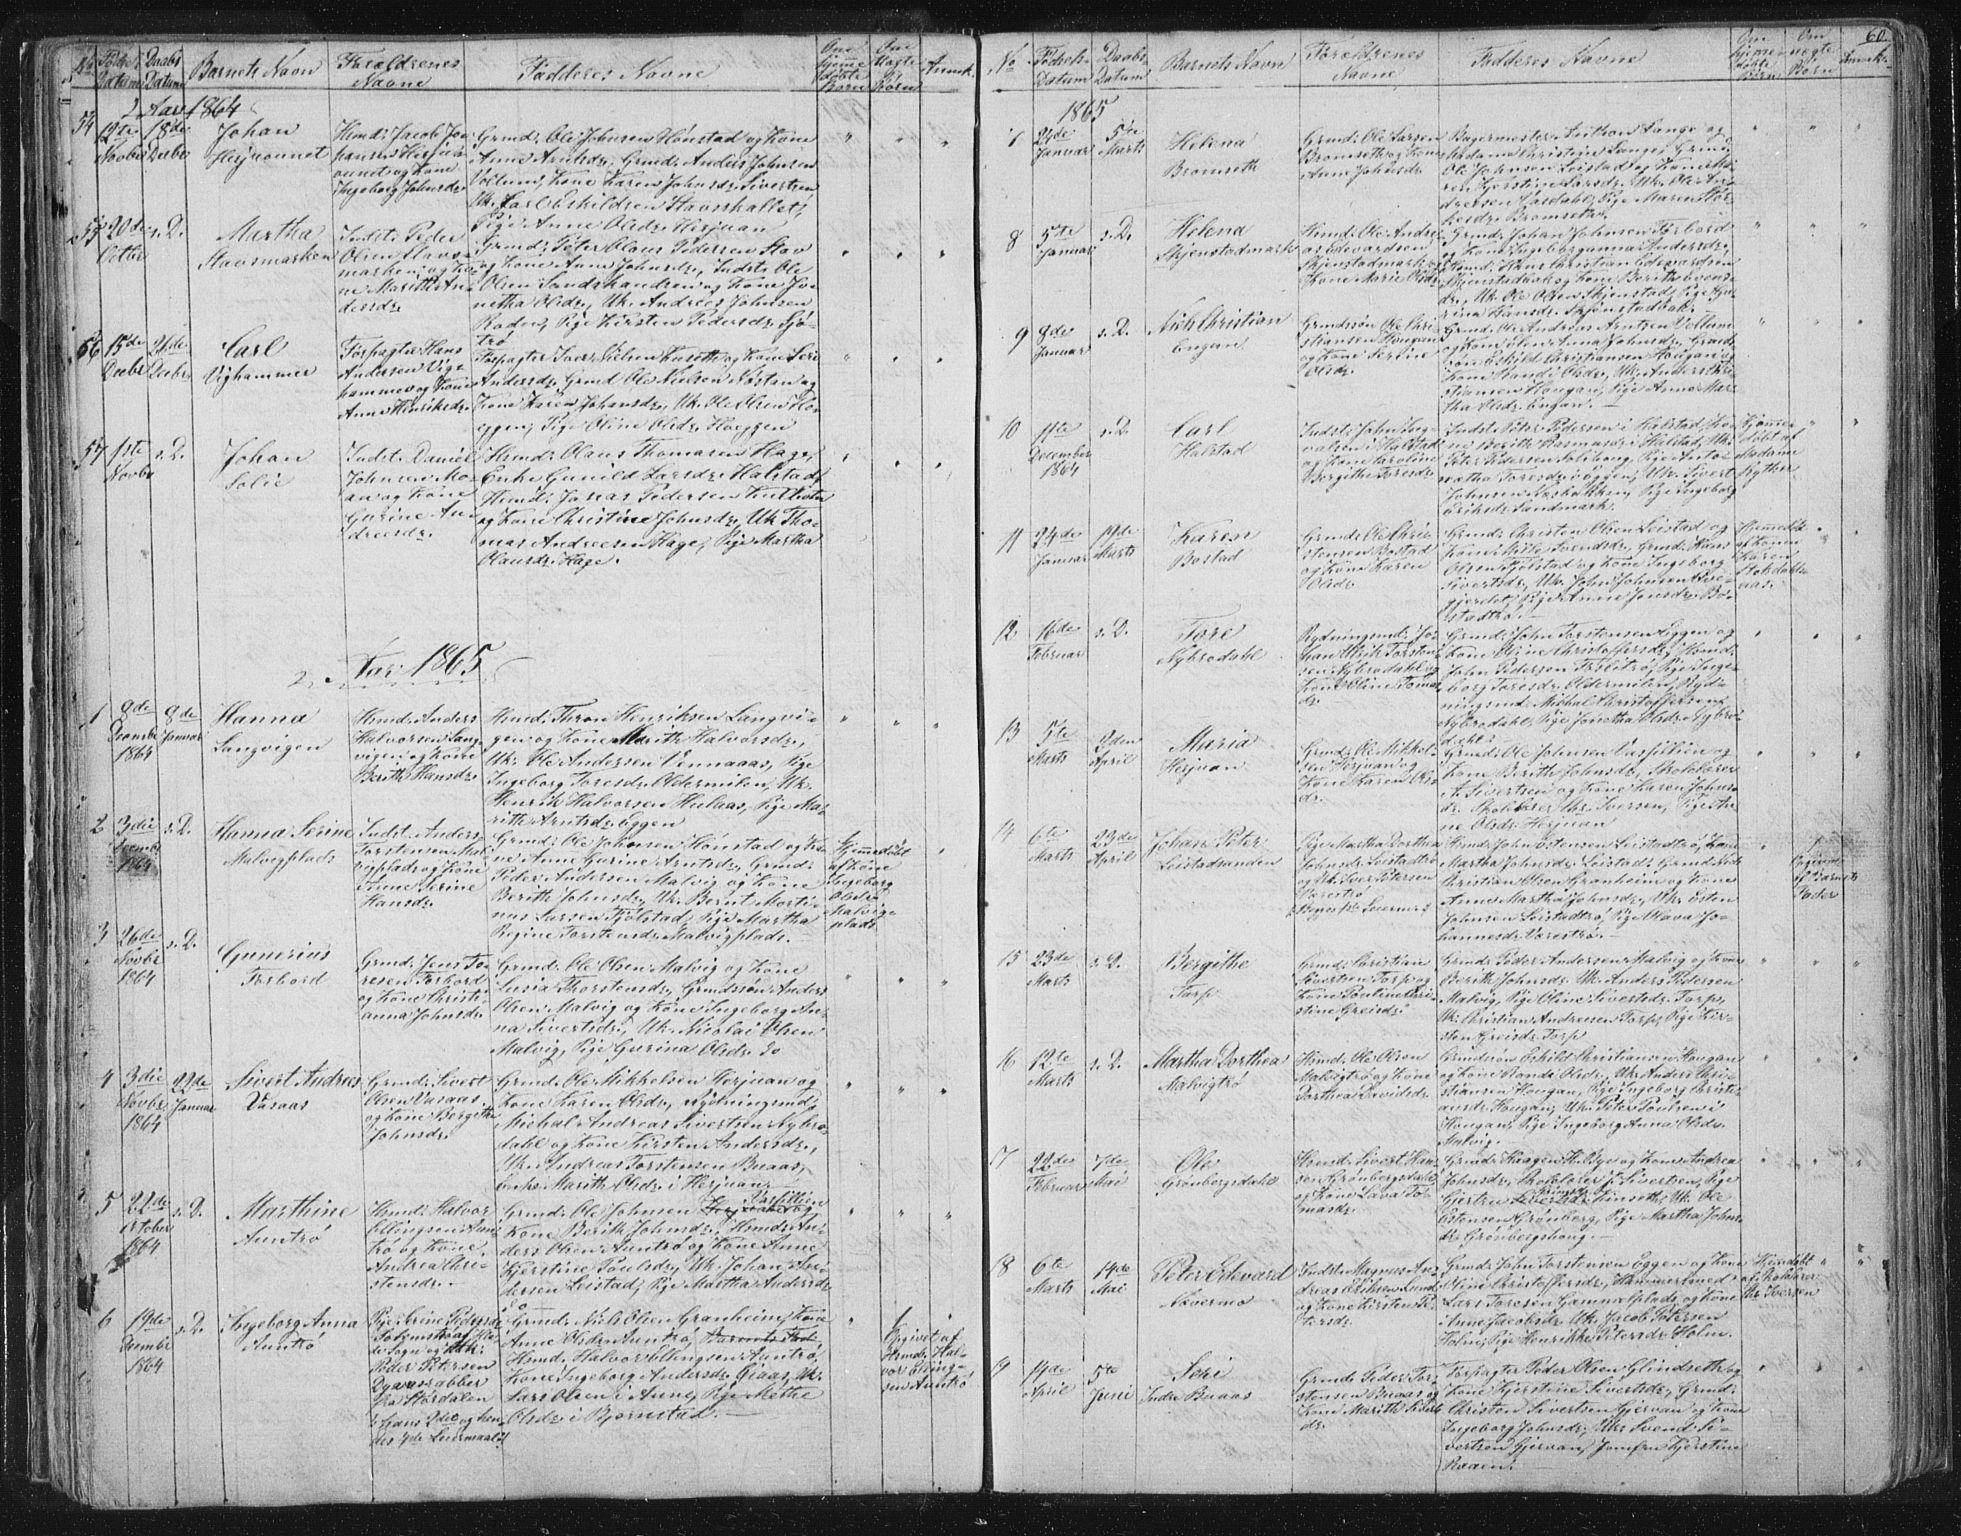 SAT, Ministerialprotokoller, klokkerbøker og fødselsregistre - Sør-Trøndelag, 616/L0406: Ministerialbok nr. 616A03, 1843-1879, s. 60